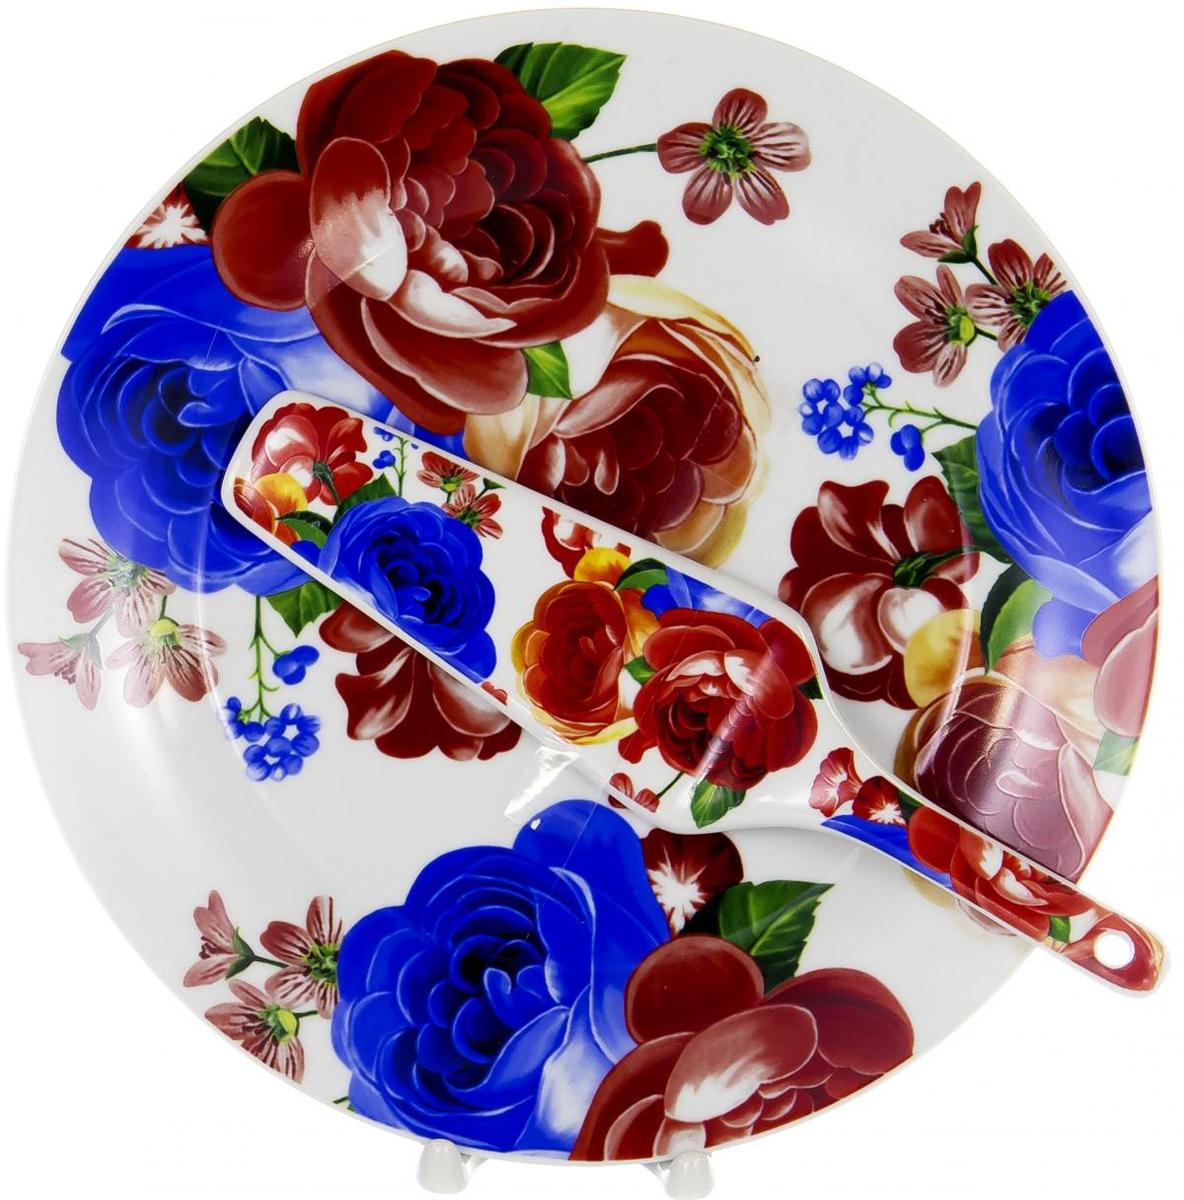 """Набор для торта """"Olaff"""" состоит из блюда и лопатки. Изделия выполнены из керамики и оформлены изящным рисунком. Набор идеален для подачи тортов, пирогов и другой выпечки. Яркий дизайн сделает набор изысканным украшением праздничного стола.  В наборе: тарелка диаметром 27 см и лопатка."""